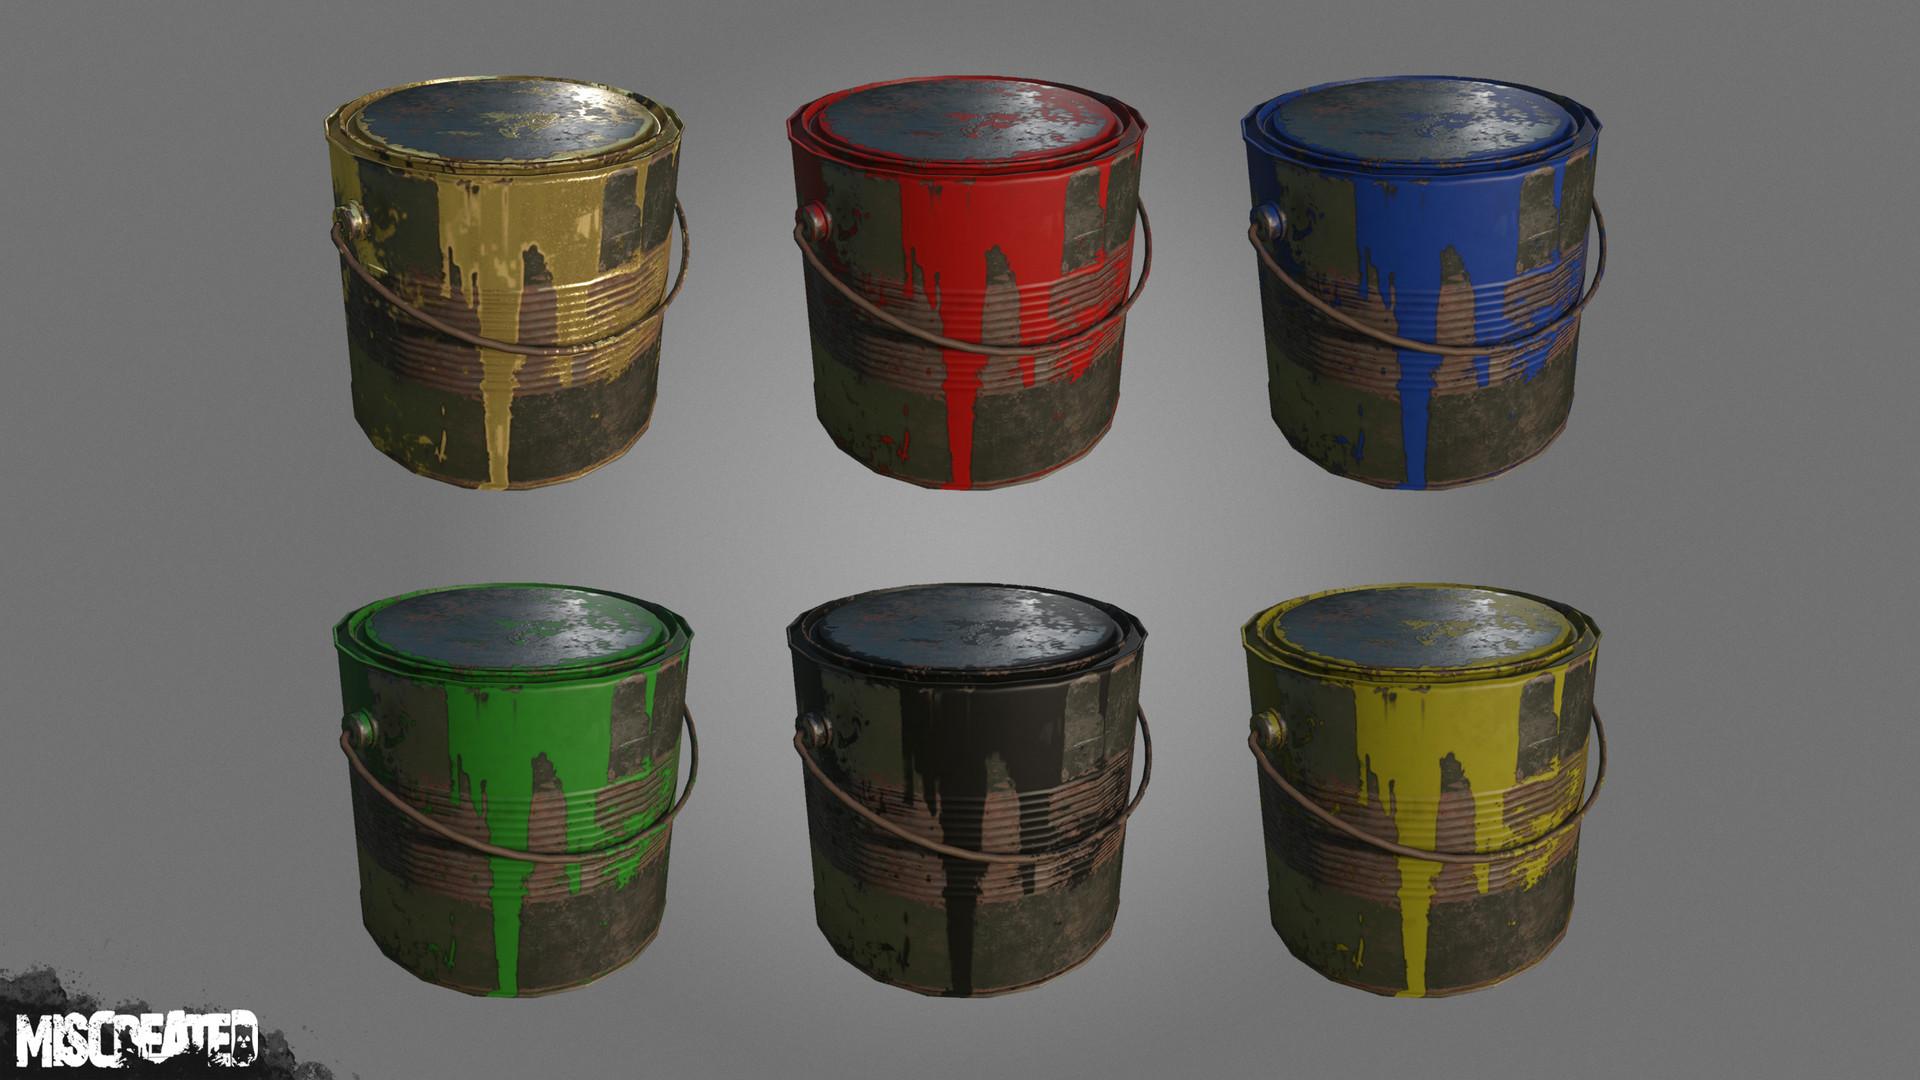 Carl kent paint cans 2